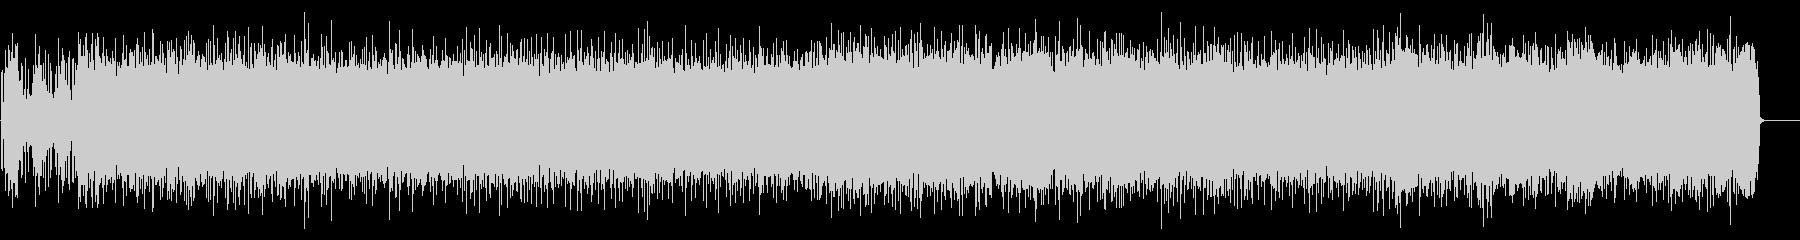 駆け抜けるハード・ロック(フルサイズ)の未再生の波形